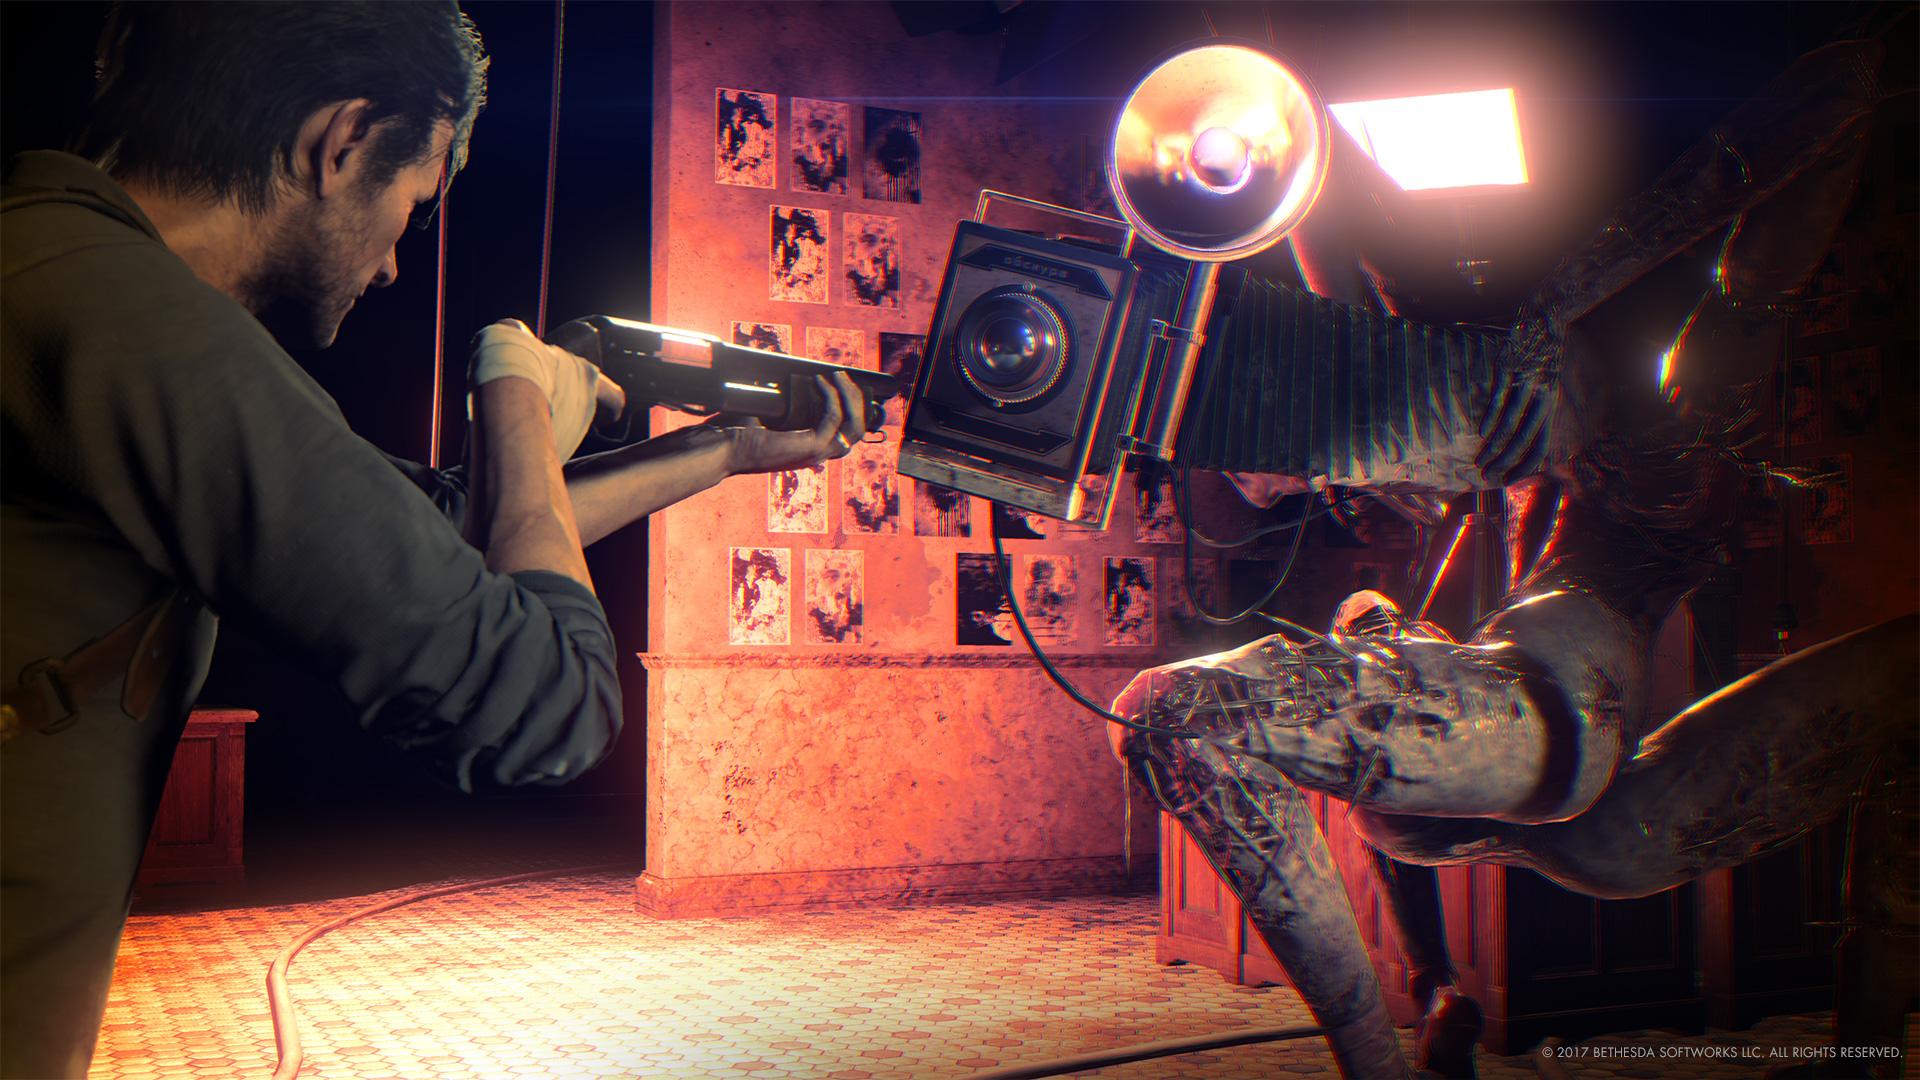 Посмотрите новые скриншоты The Evil Within 2 и узнайте детали